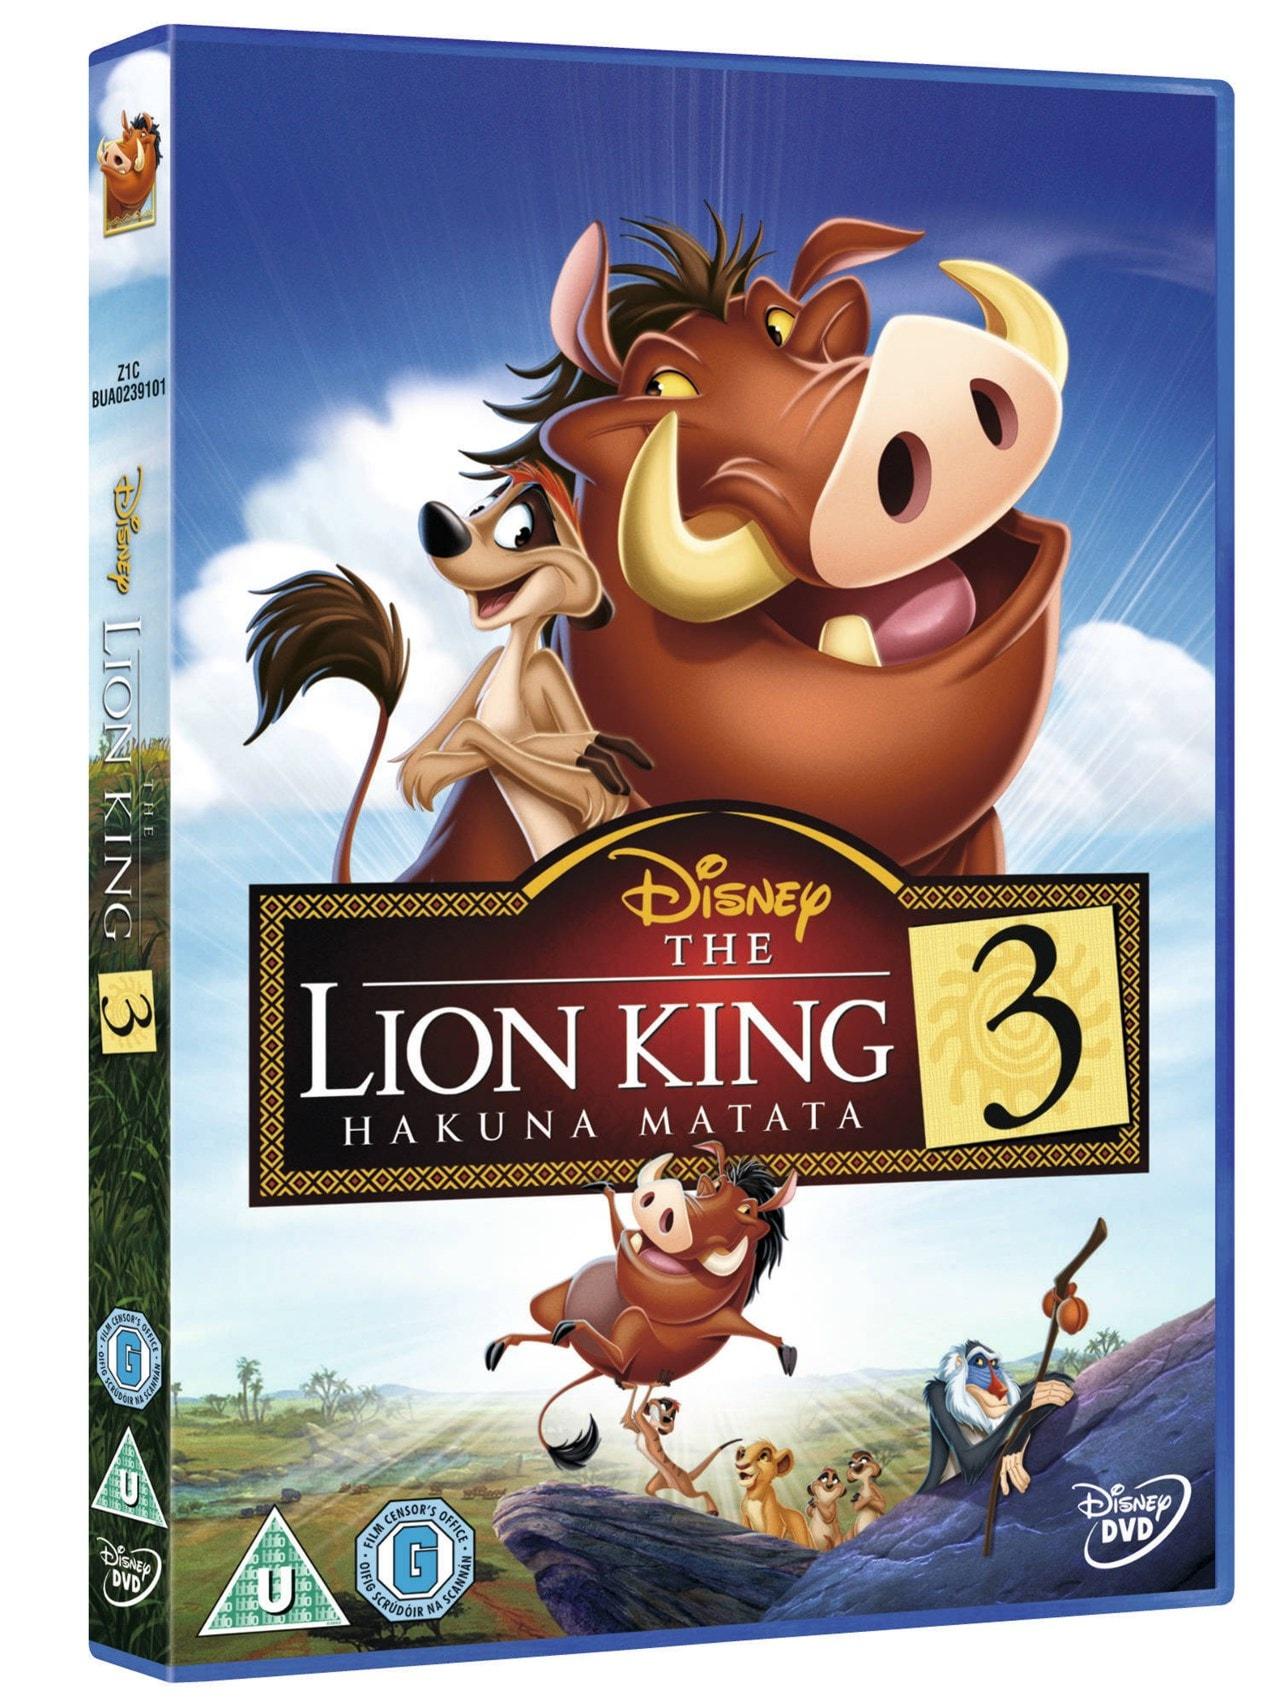 The Lion King 3 - Hakuna Matata - 2